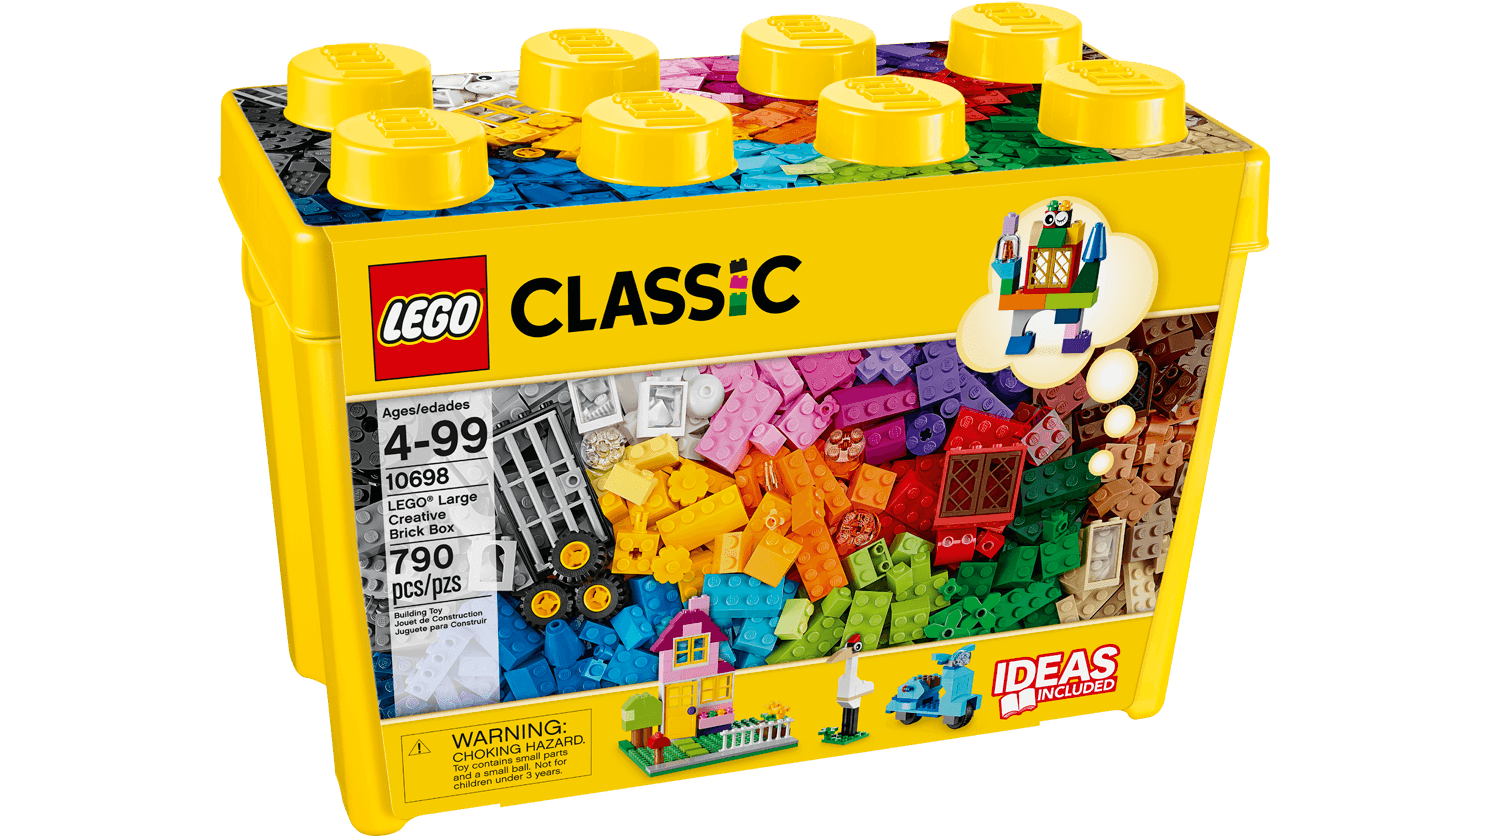 Kreatywne klocki LEGO(R), duże pudełko